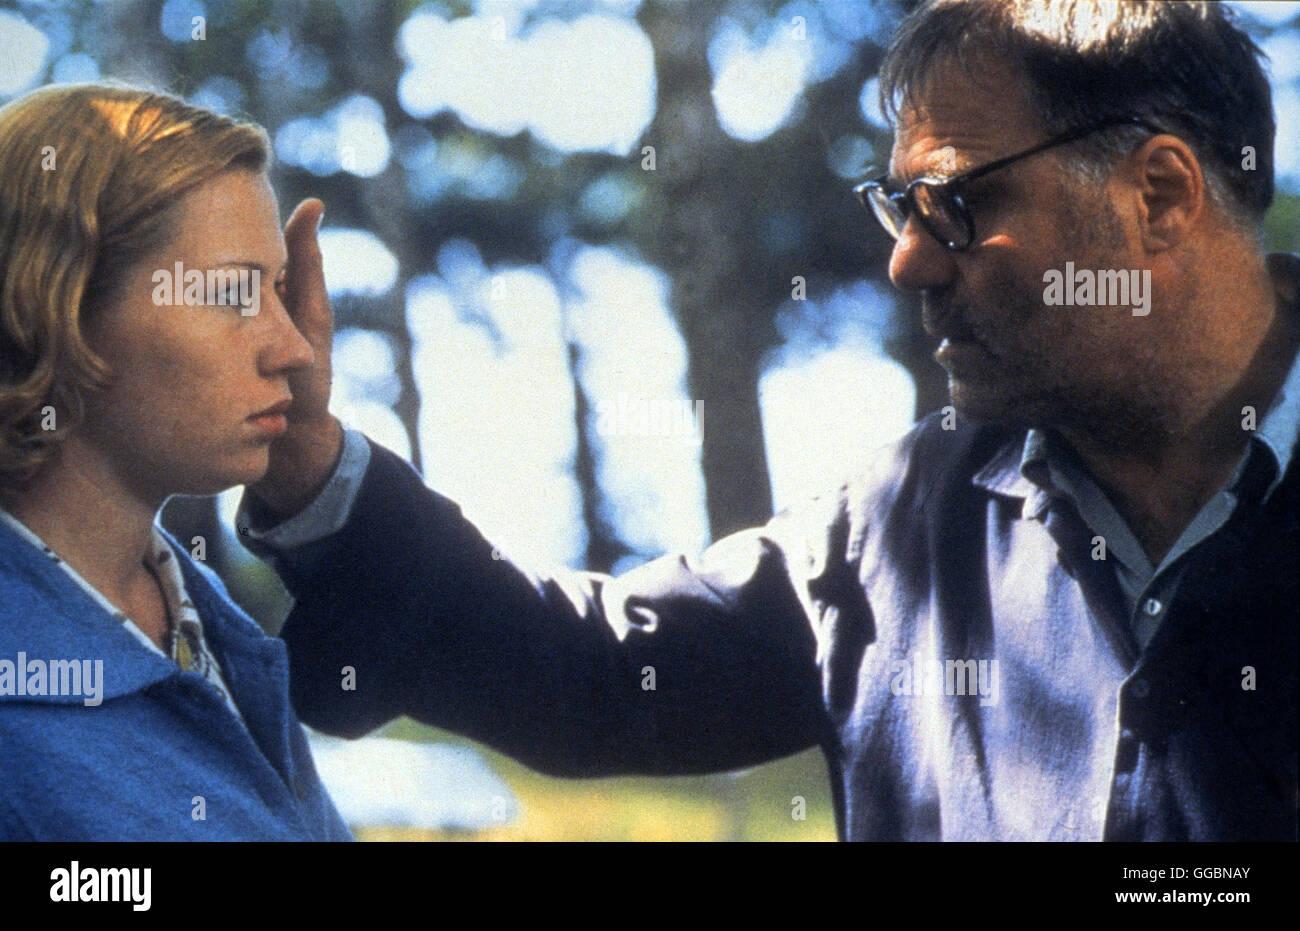 ABSCHIED / The Farewell D 2000 / Jan Schütte An einem der letzten Sommertage kurz vor seinem Tod im Jahr 1956 ist Bertolt Brecht in seiner Villa, umgeben von der Familie, engen Freunden und Geliebten. Er lässt sein Leben Revue passieren, denkt über den derzeitigen politischen Aufruhr wegen Stalins Tod nach und blickt auf seine Rolle als einflussreicher Dramatiker zurück... Foto: Bertolt Brecht (JOSEF BIERBICHLER), Barbara Brecht (BIRGIT MINICHMAYR) Regie: Jan SchŸtte aka. The Farewell Stock Photo